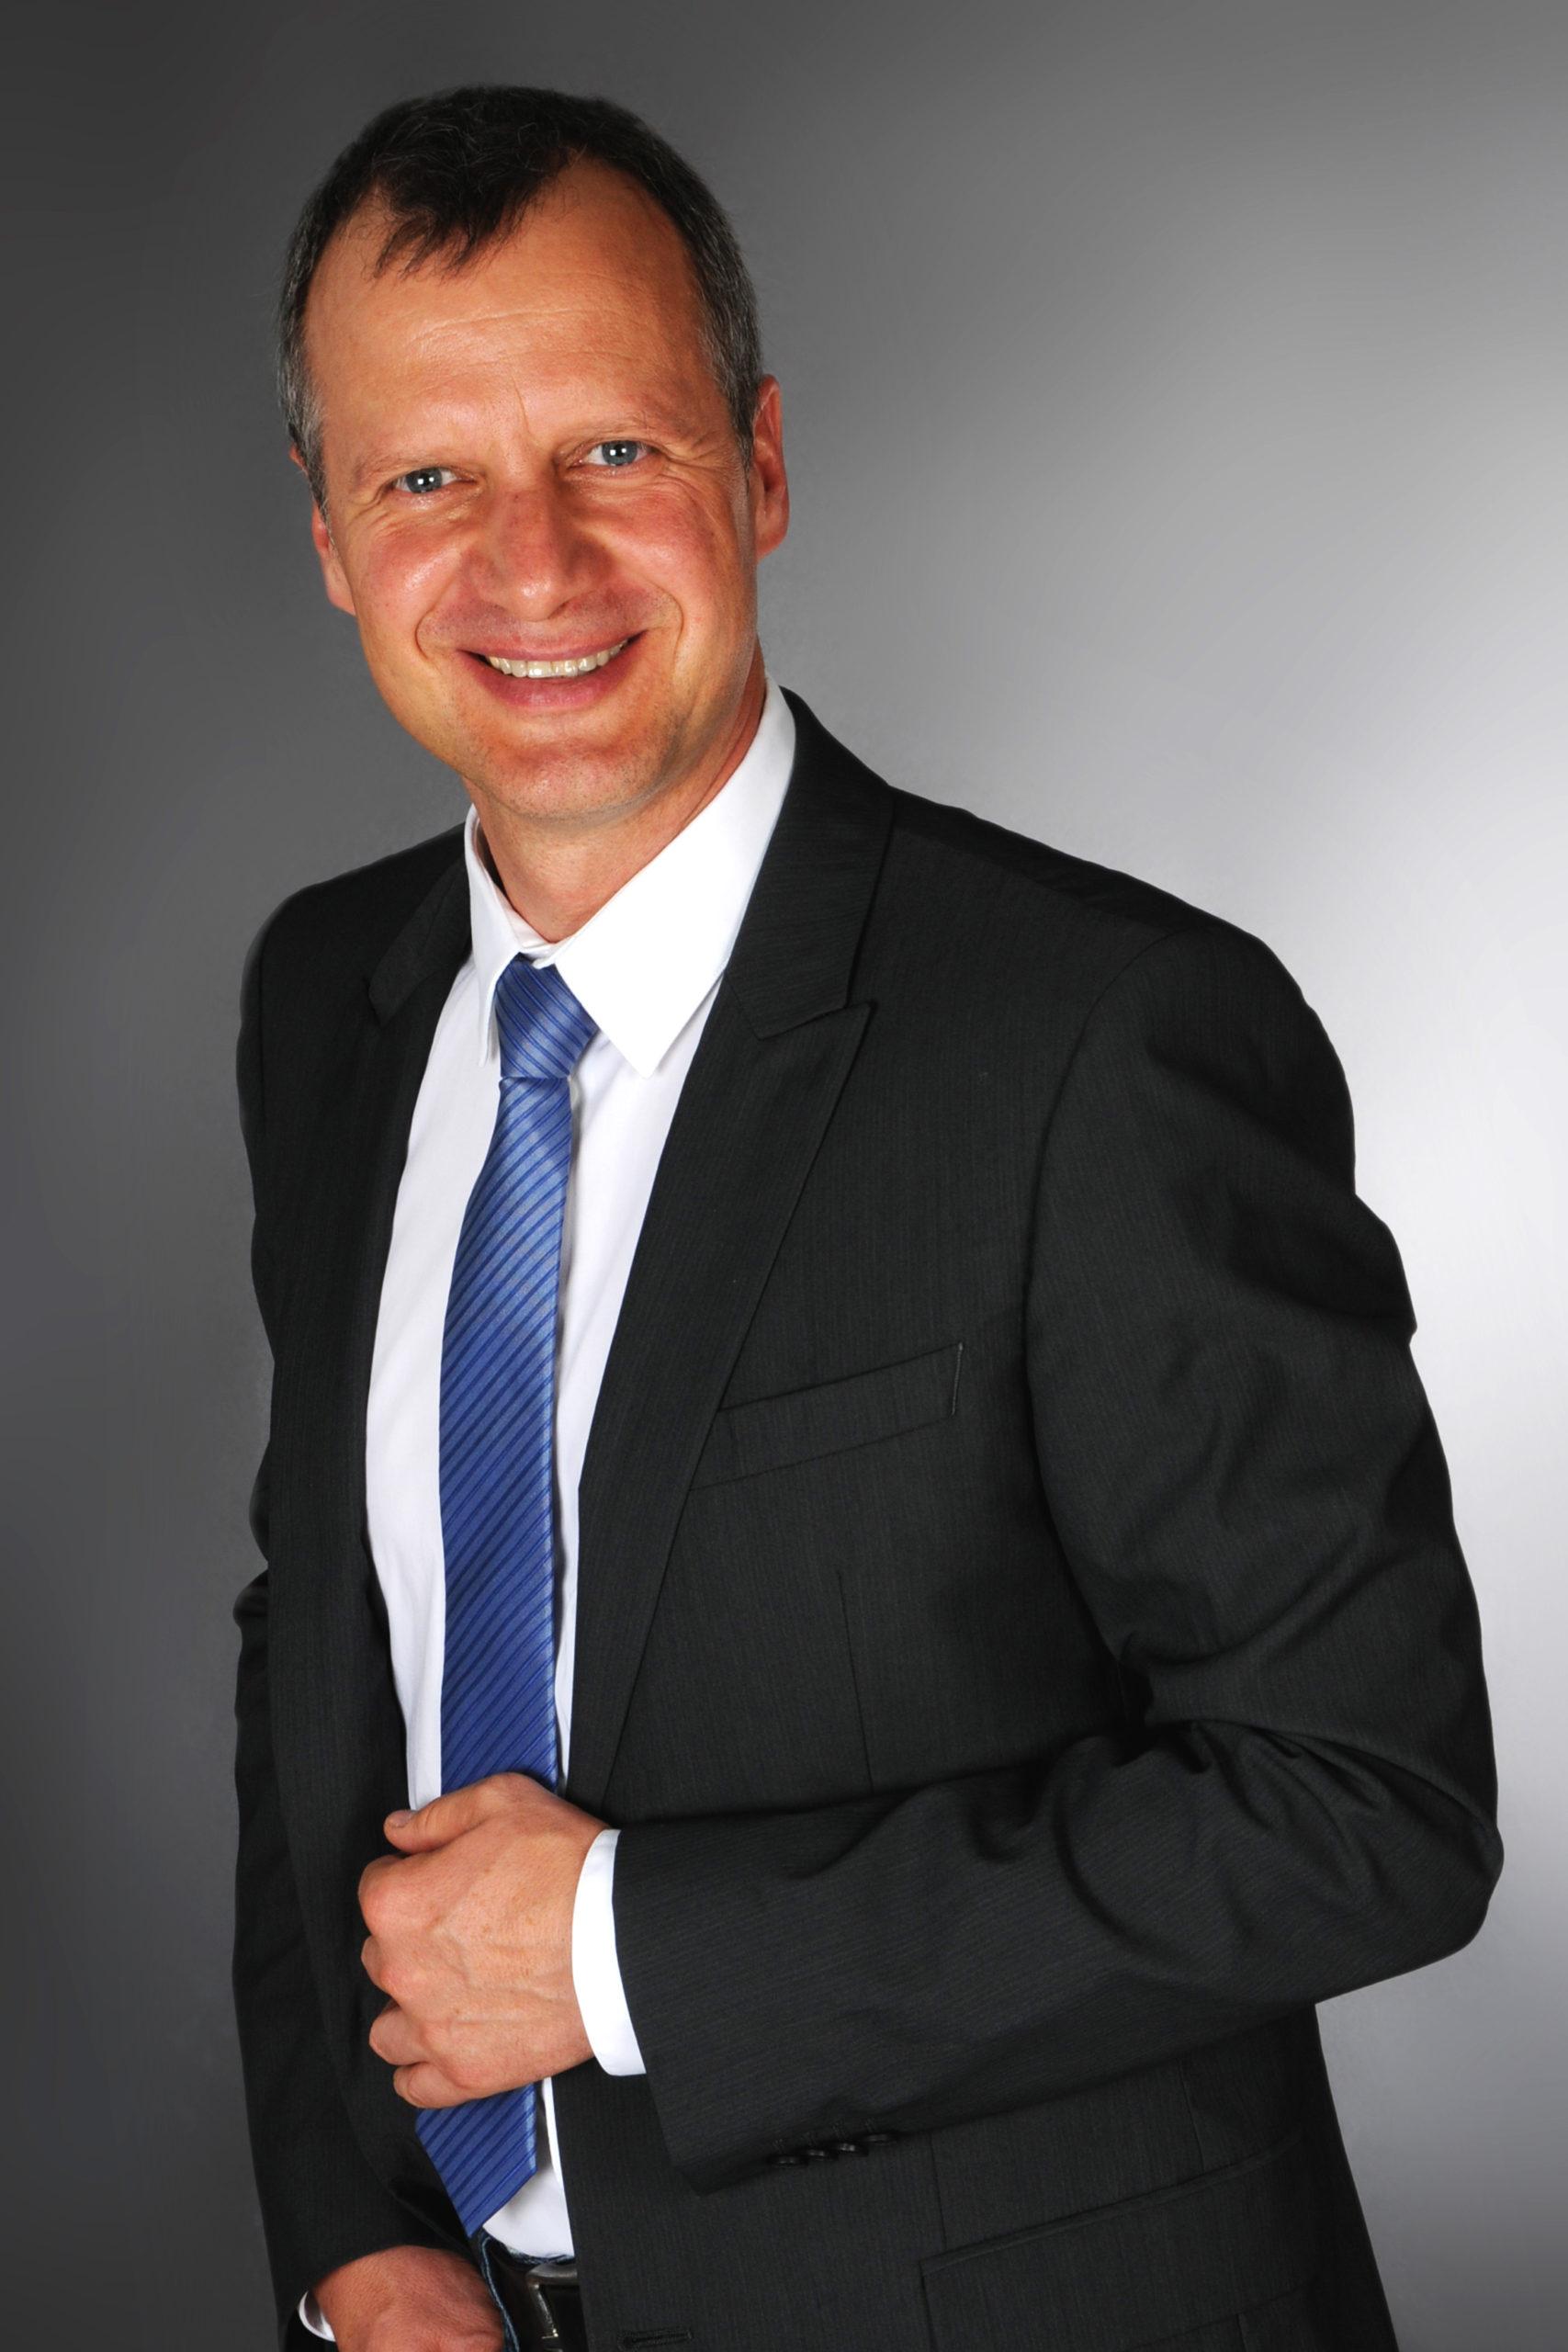 Geschäftsführer und Gesellschafter der MACON BAU GmbH Magdeburg, Dipl.-Ing. Ulrich Fliegner